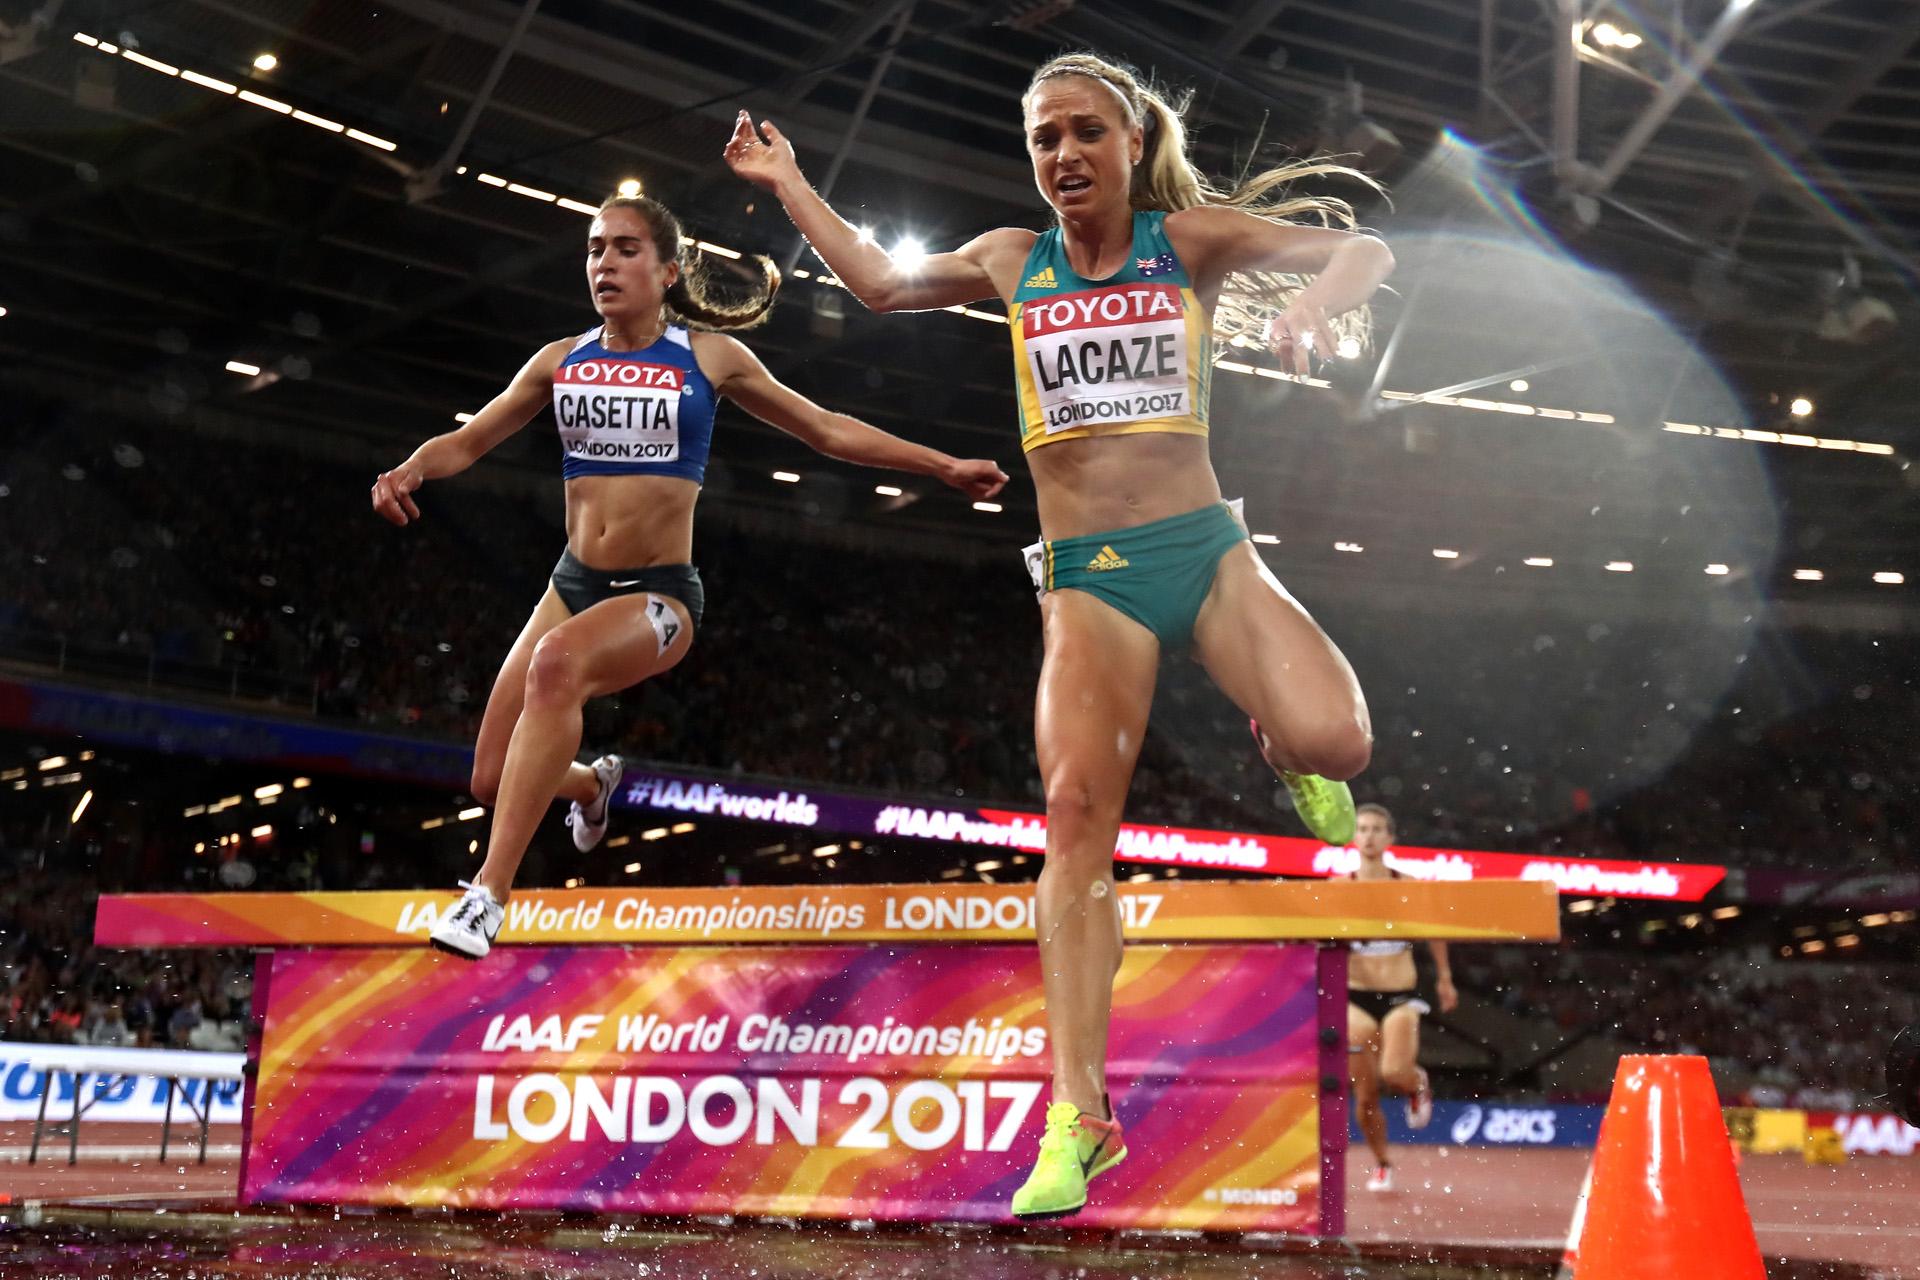 Belén Casetta volvió a hacer historia. La atleta argentina volvió a romper el récord sudamericano en la prueba de 3.000 metros con obstáculos. Con un tiempo de 9:25.99, la corredora se ubicó en la 11ª posición en la final del Mundial de Londres